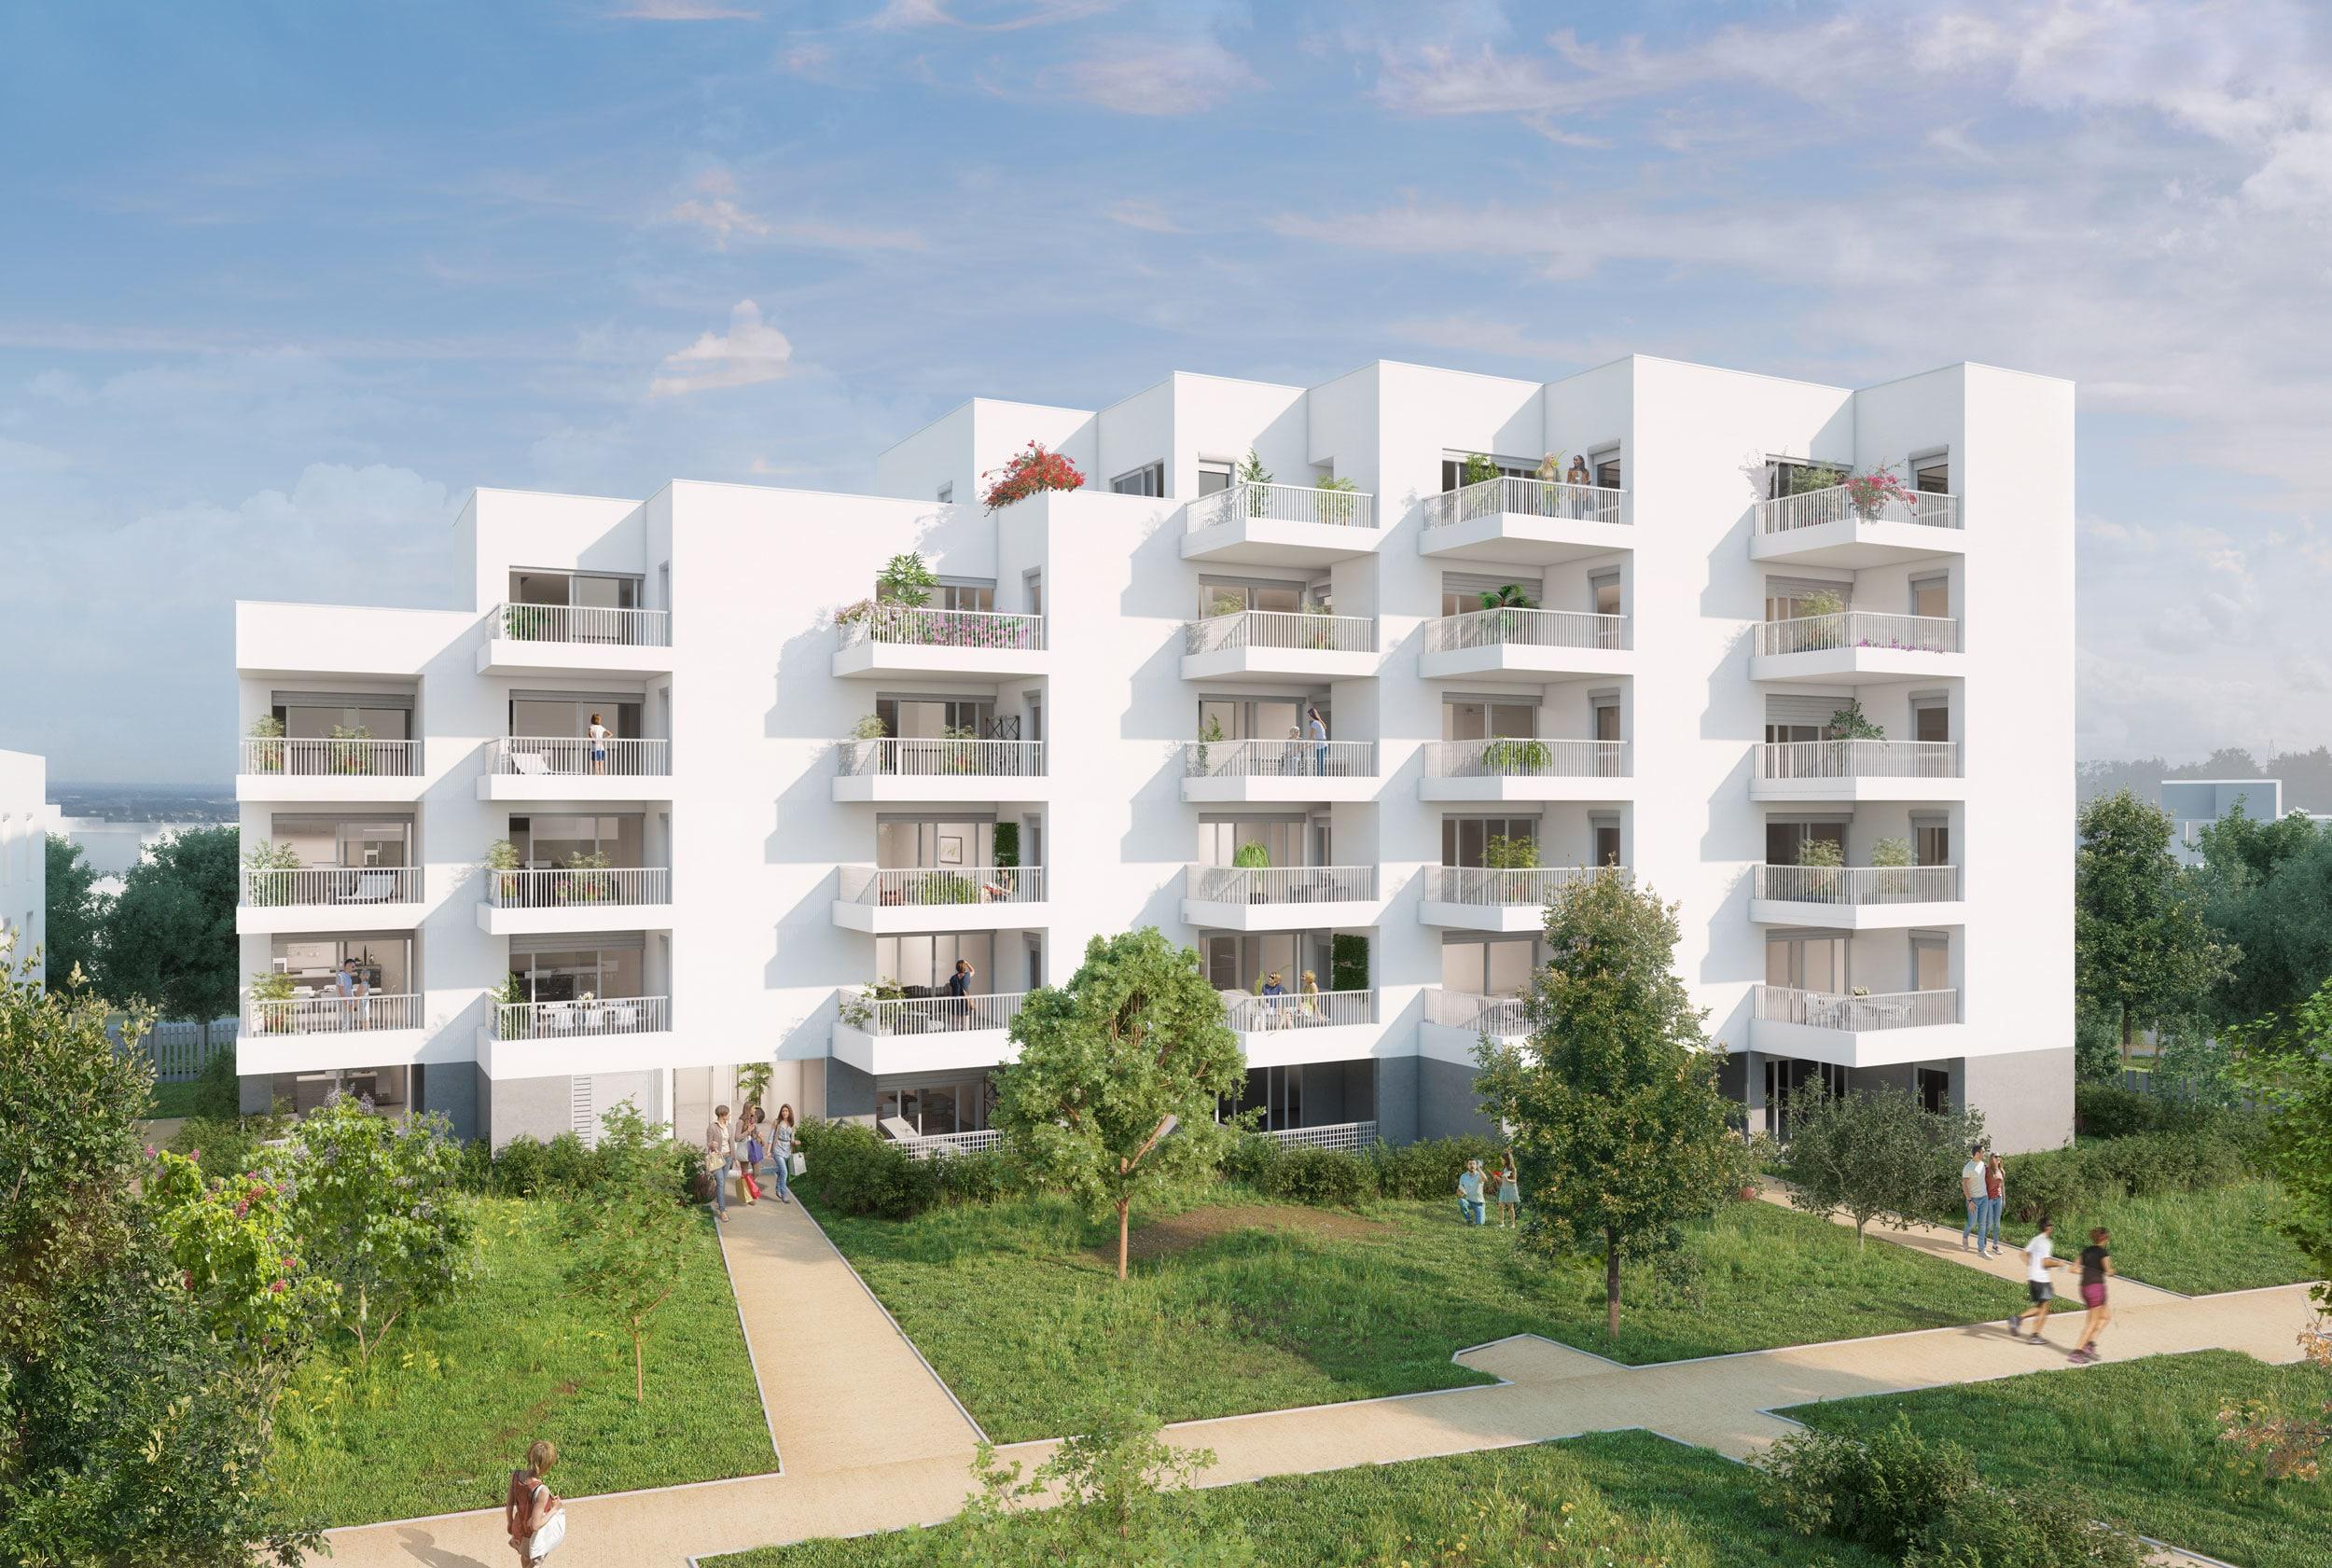 Programme Immobilier Logements Collectifs Canopée, bâtiment en cœur d'îlot.